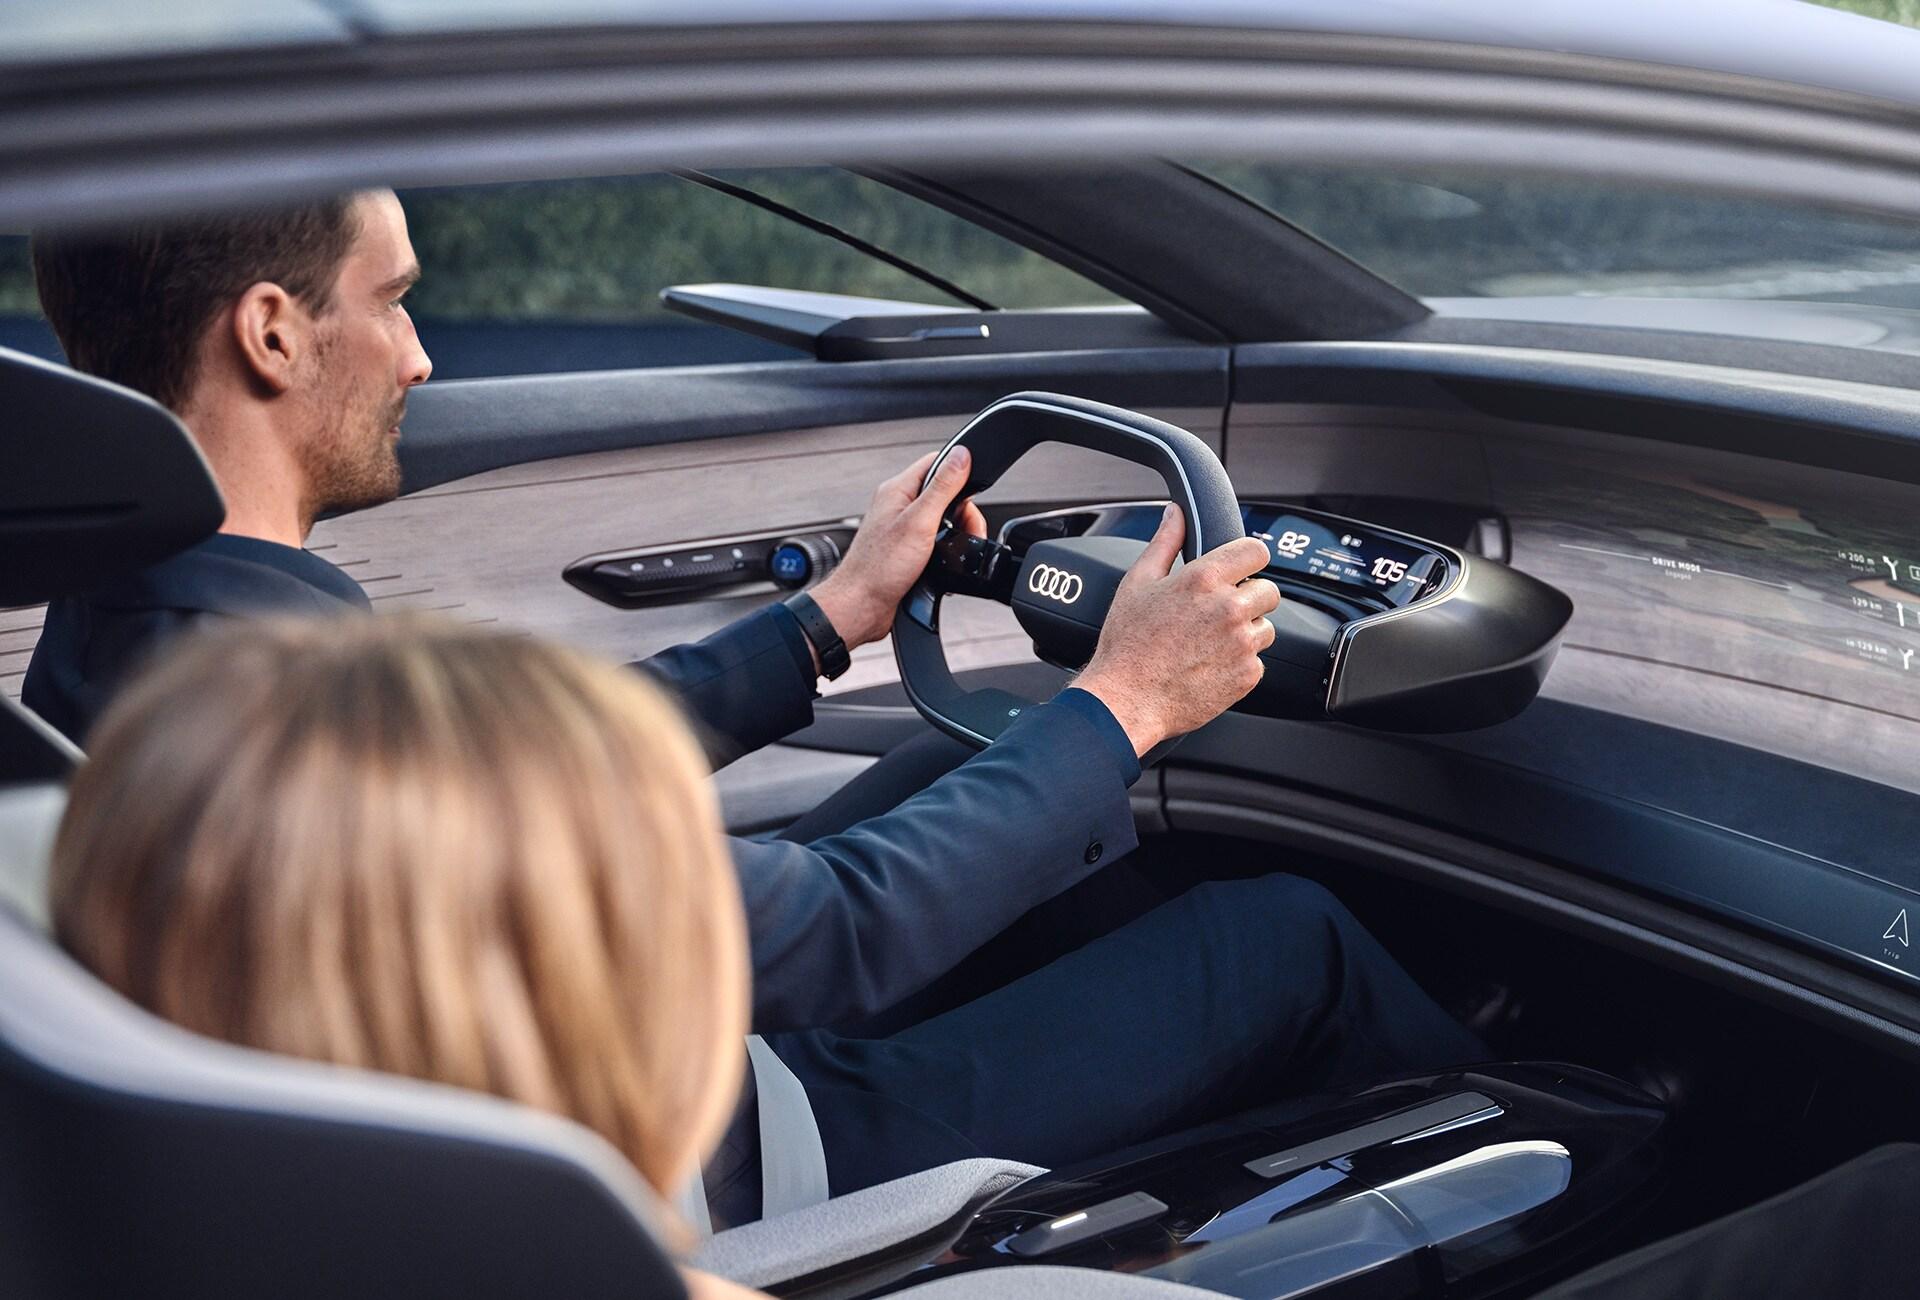 Potniki v konceptnem vozilu Audi grandsphere.